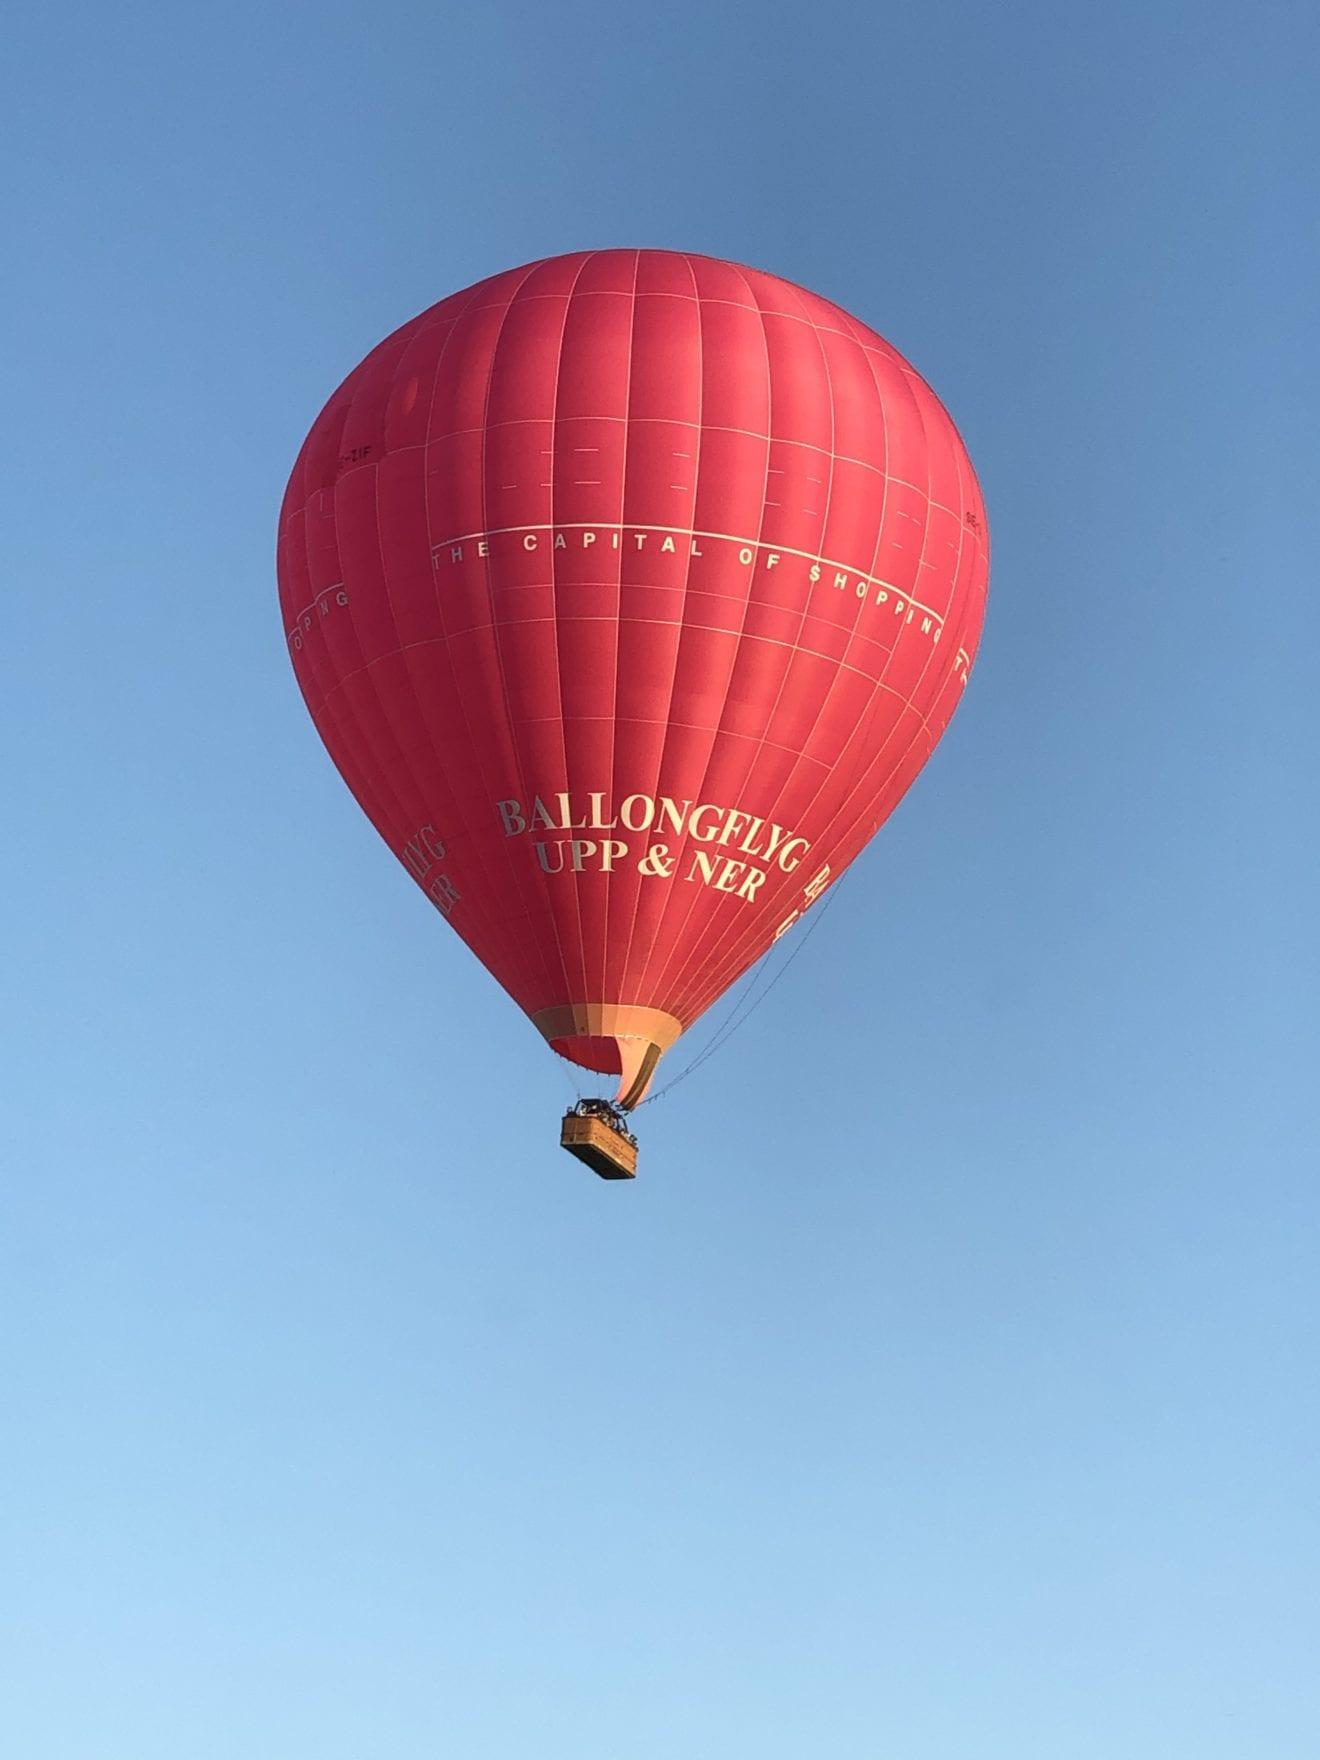 Ringsted rundt i ballon